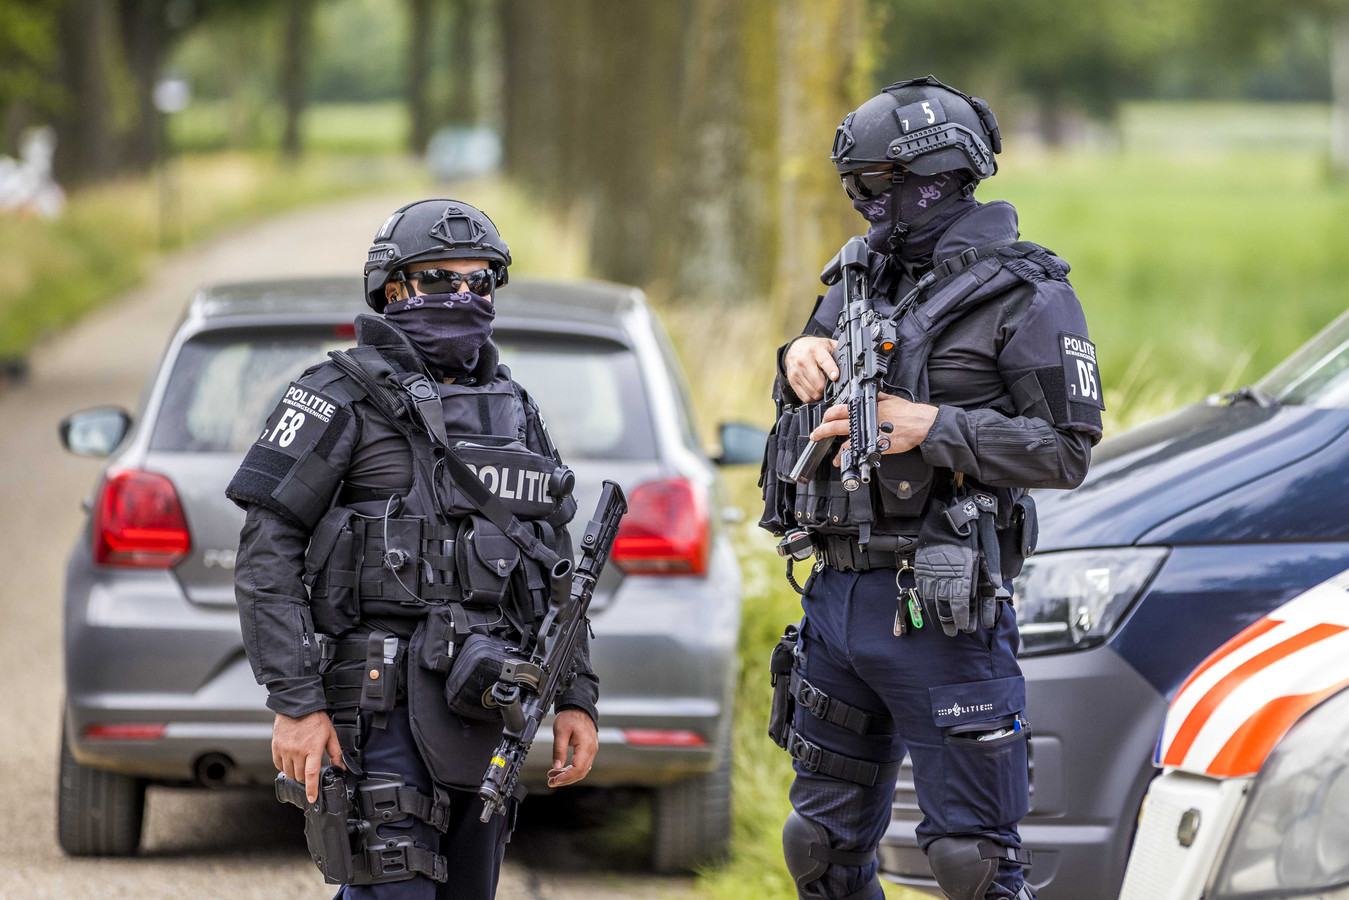 La police néerlandaise garde l'endroit découvert.